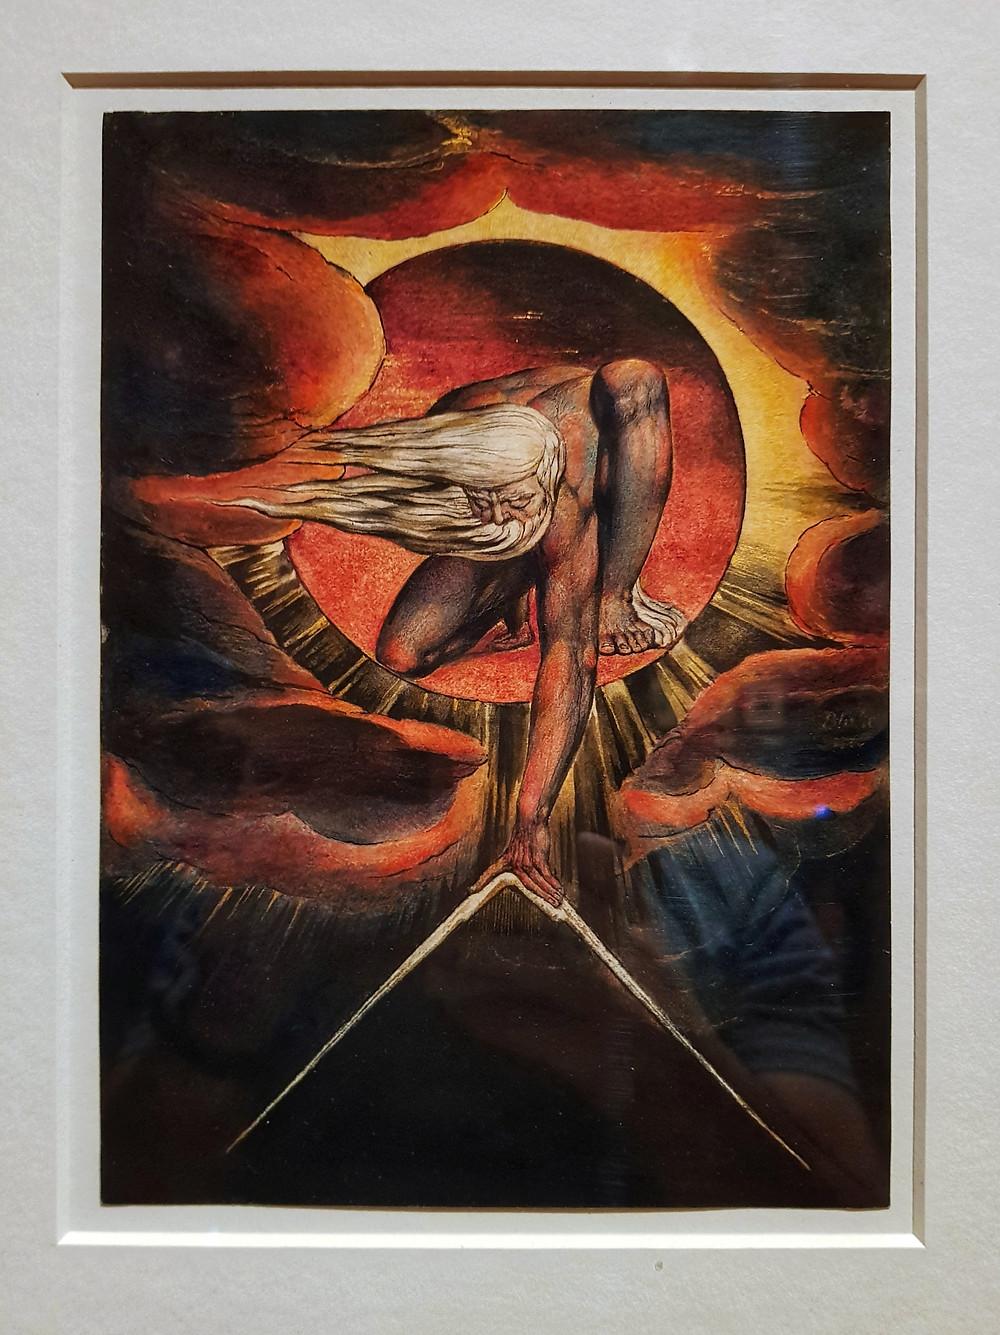 Уильям Блейк, «Ветхий Днями». Фото © Евгений Пустошкин. Tate Britain, Лондон. Октябрь 2019